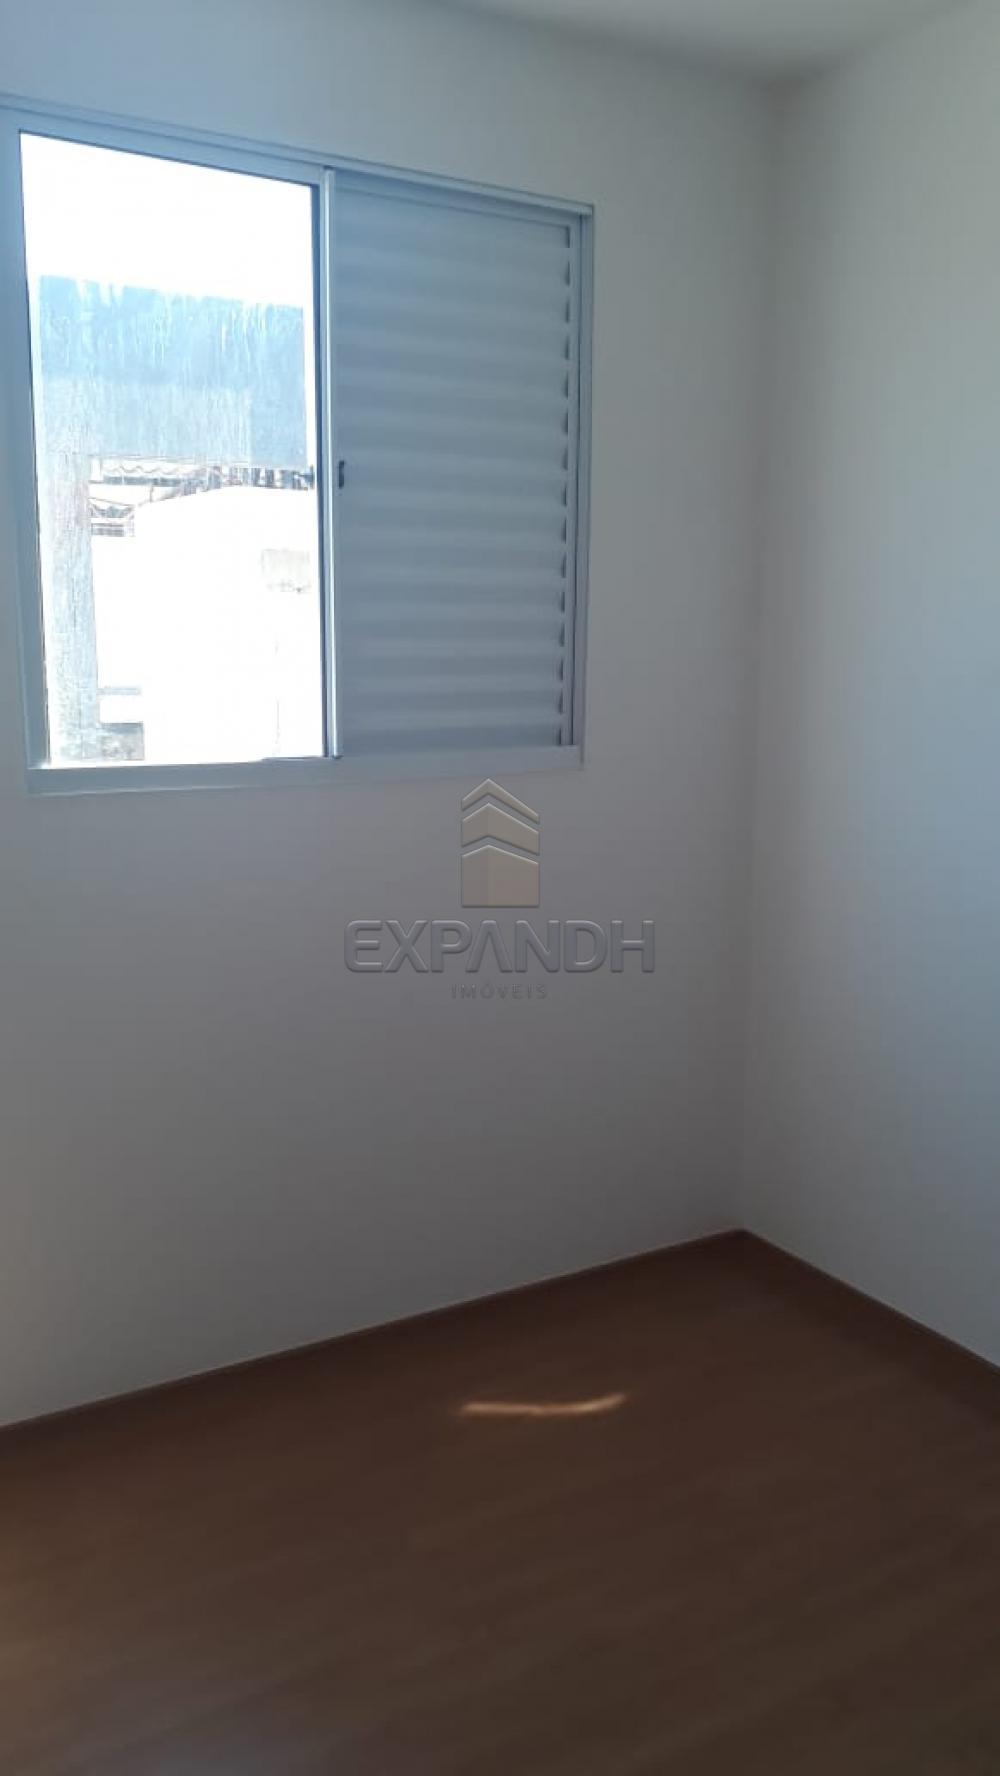 Comprar Apartamentos / Padrão em Sertãozinho apenas R$ 138.900,00 - Foto 28